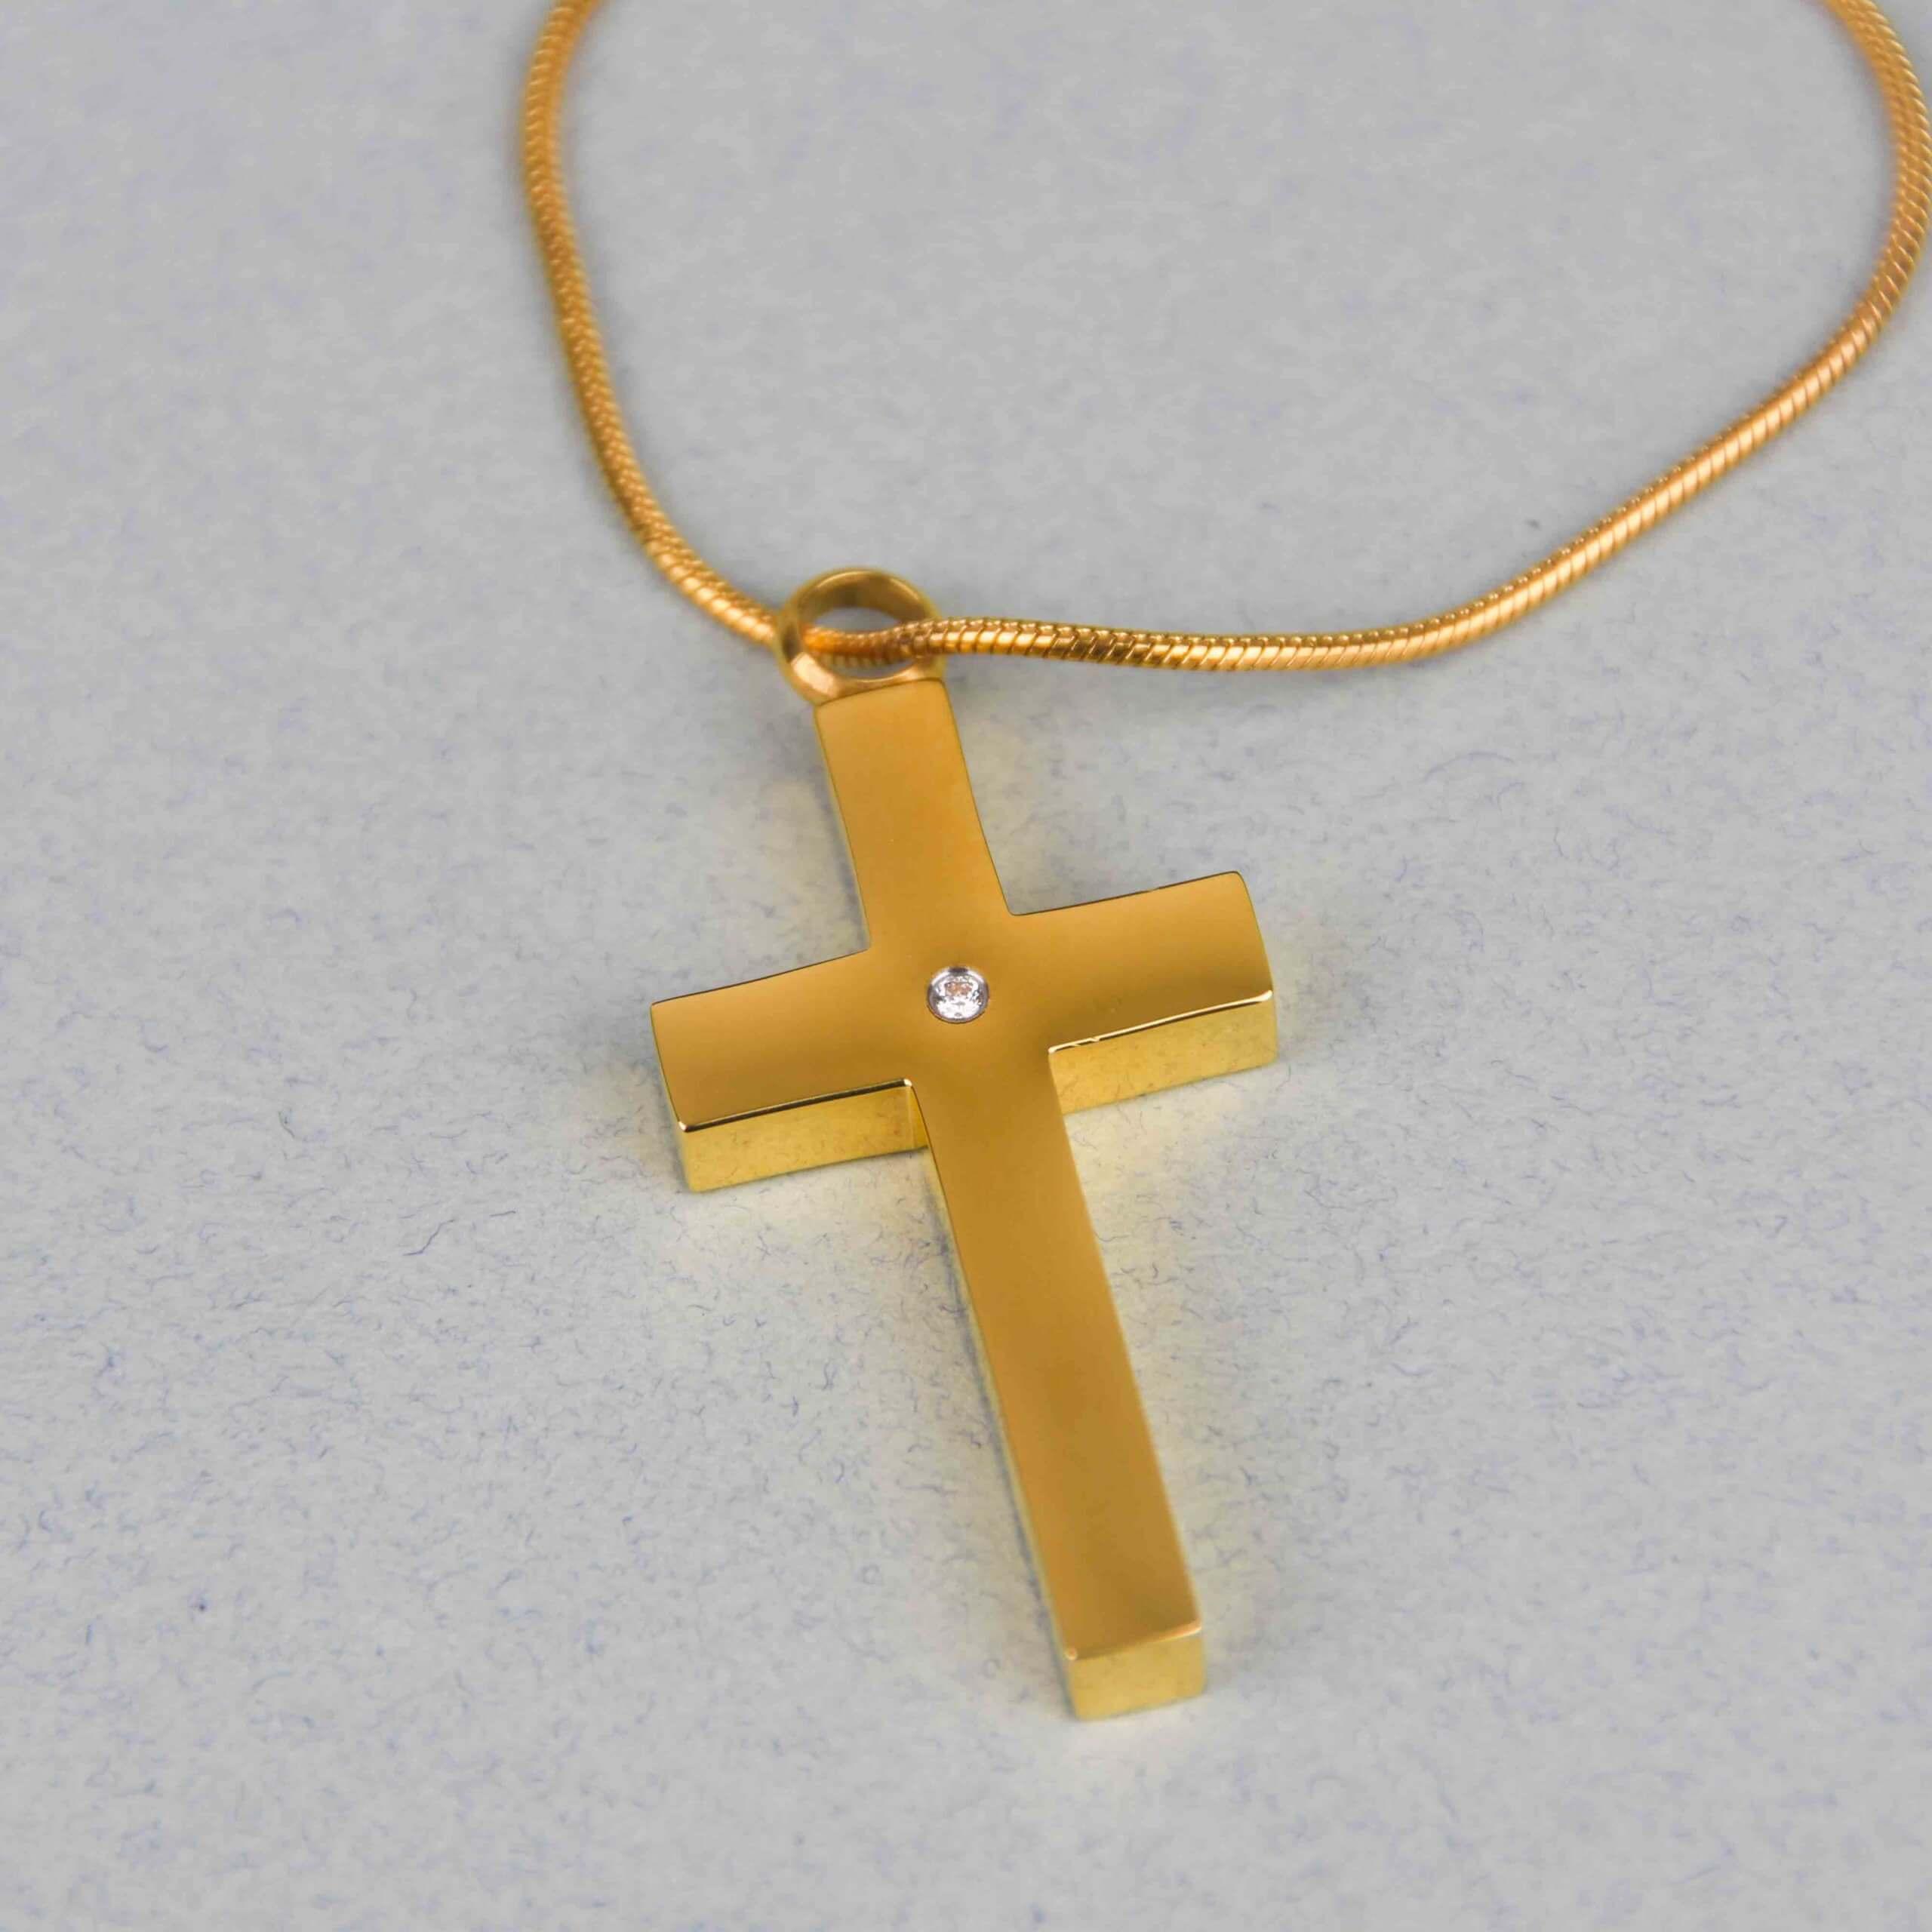 Assieraad-kruis-goud